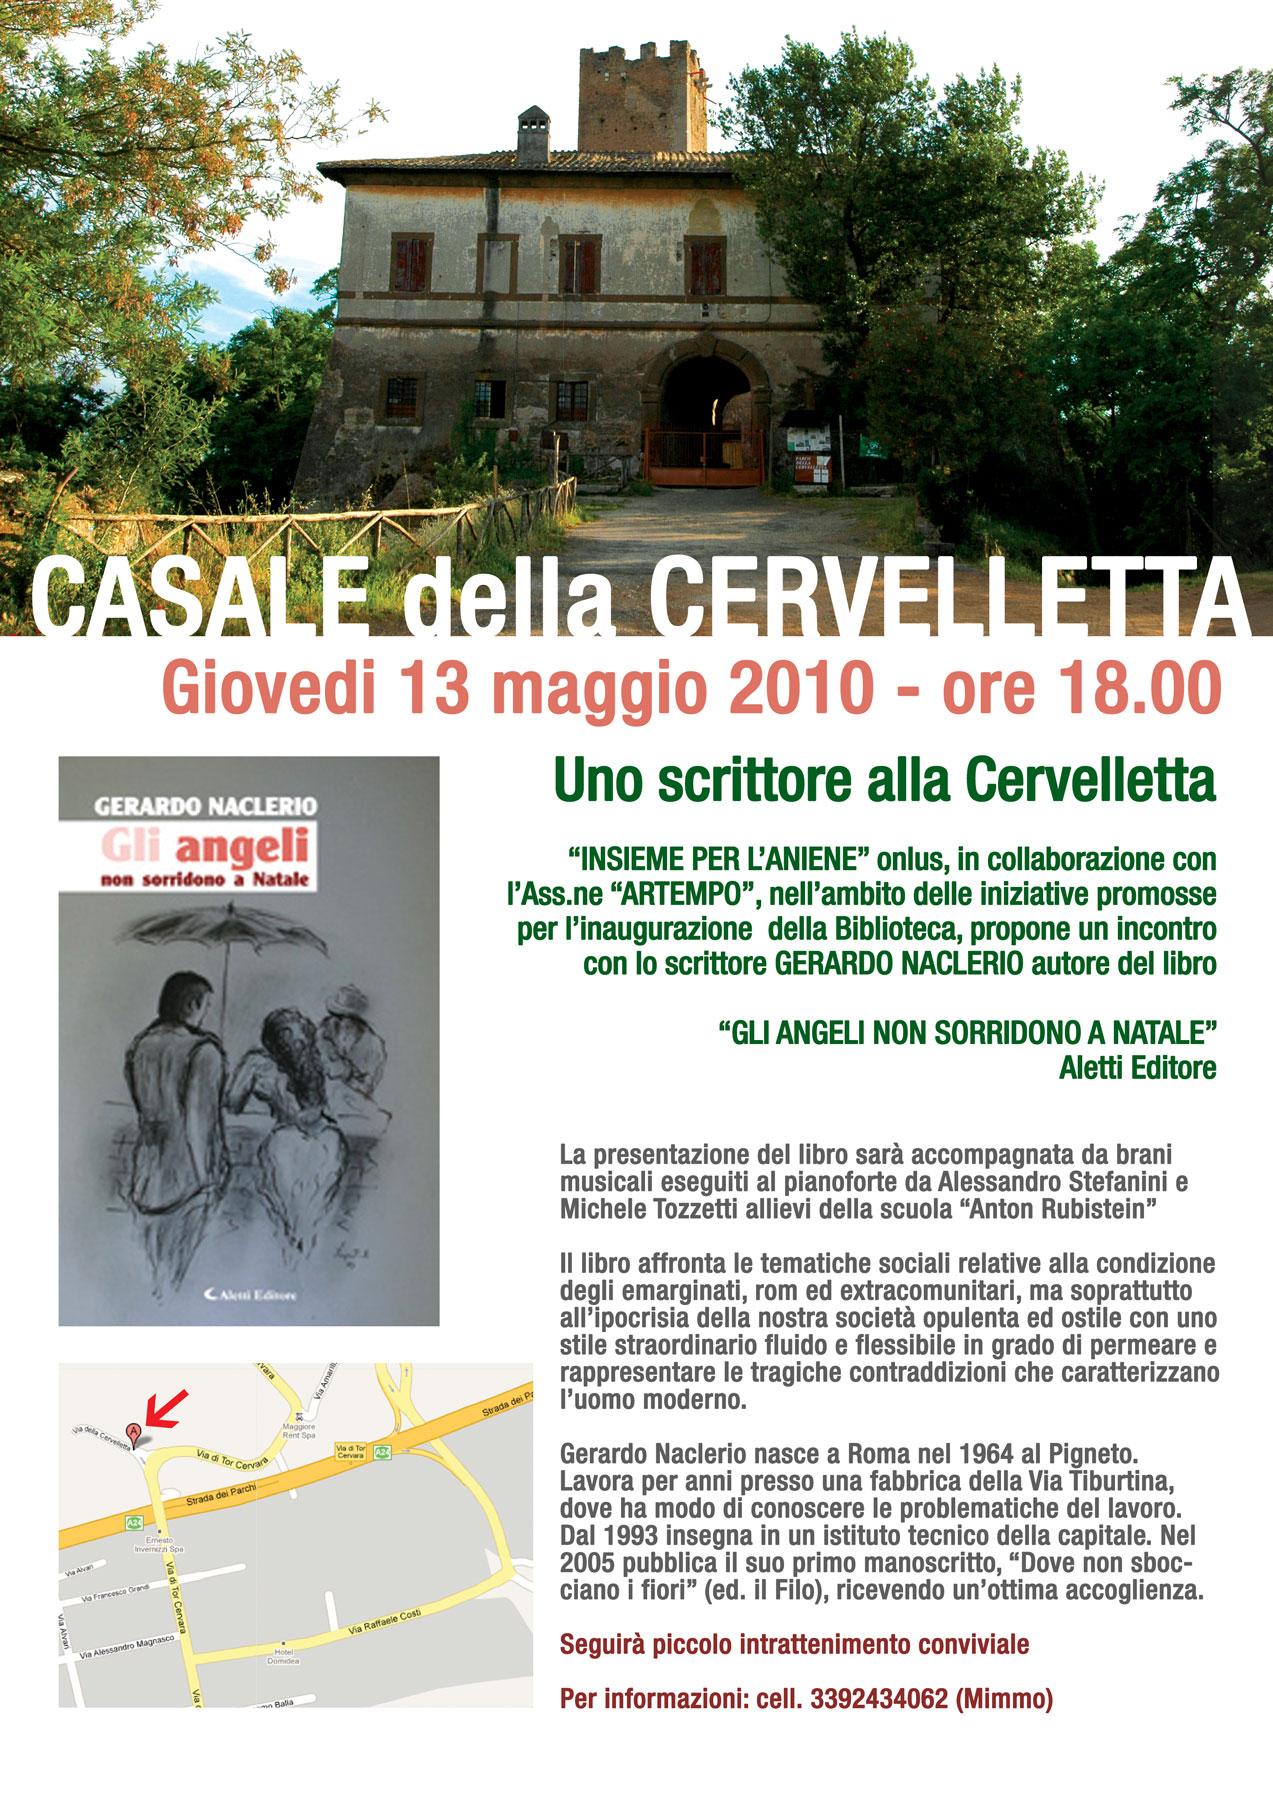 13 MAGGIO 2010 CASALE DELLA CERVELLETTA